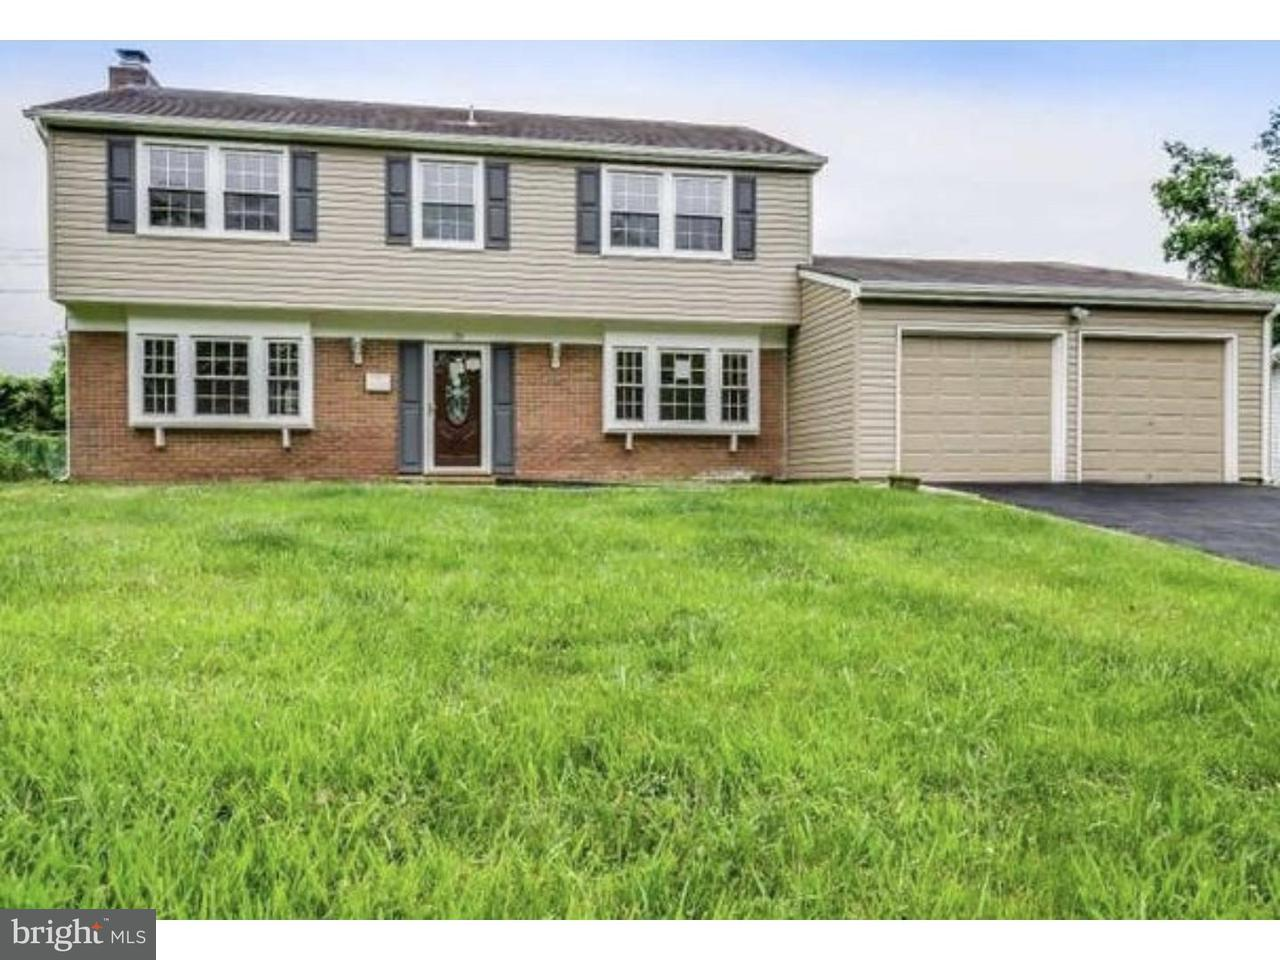 Casa Unifamiliar por un Alquiler en 23 TOPEKA PASS Willingboro, Nueva Jersey 08046 Estados Unidos